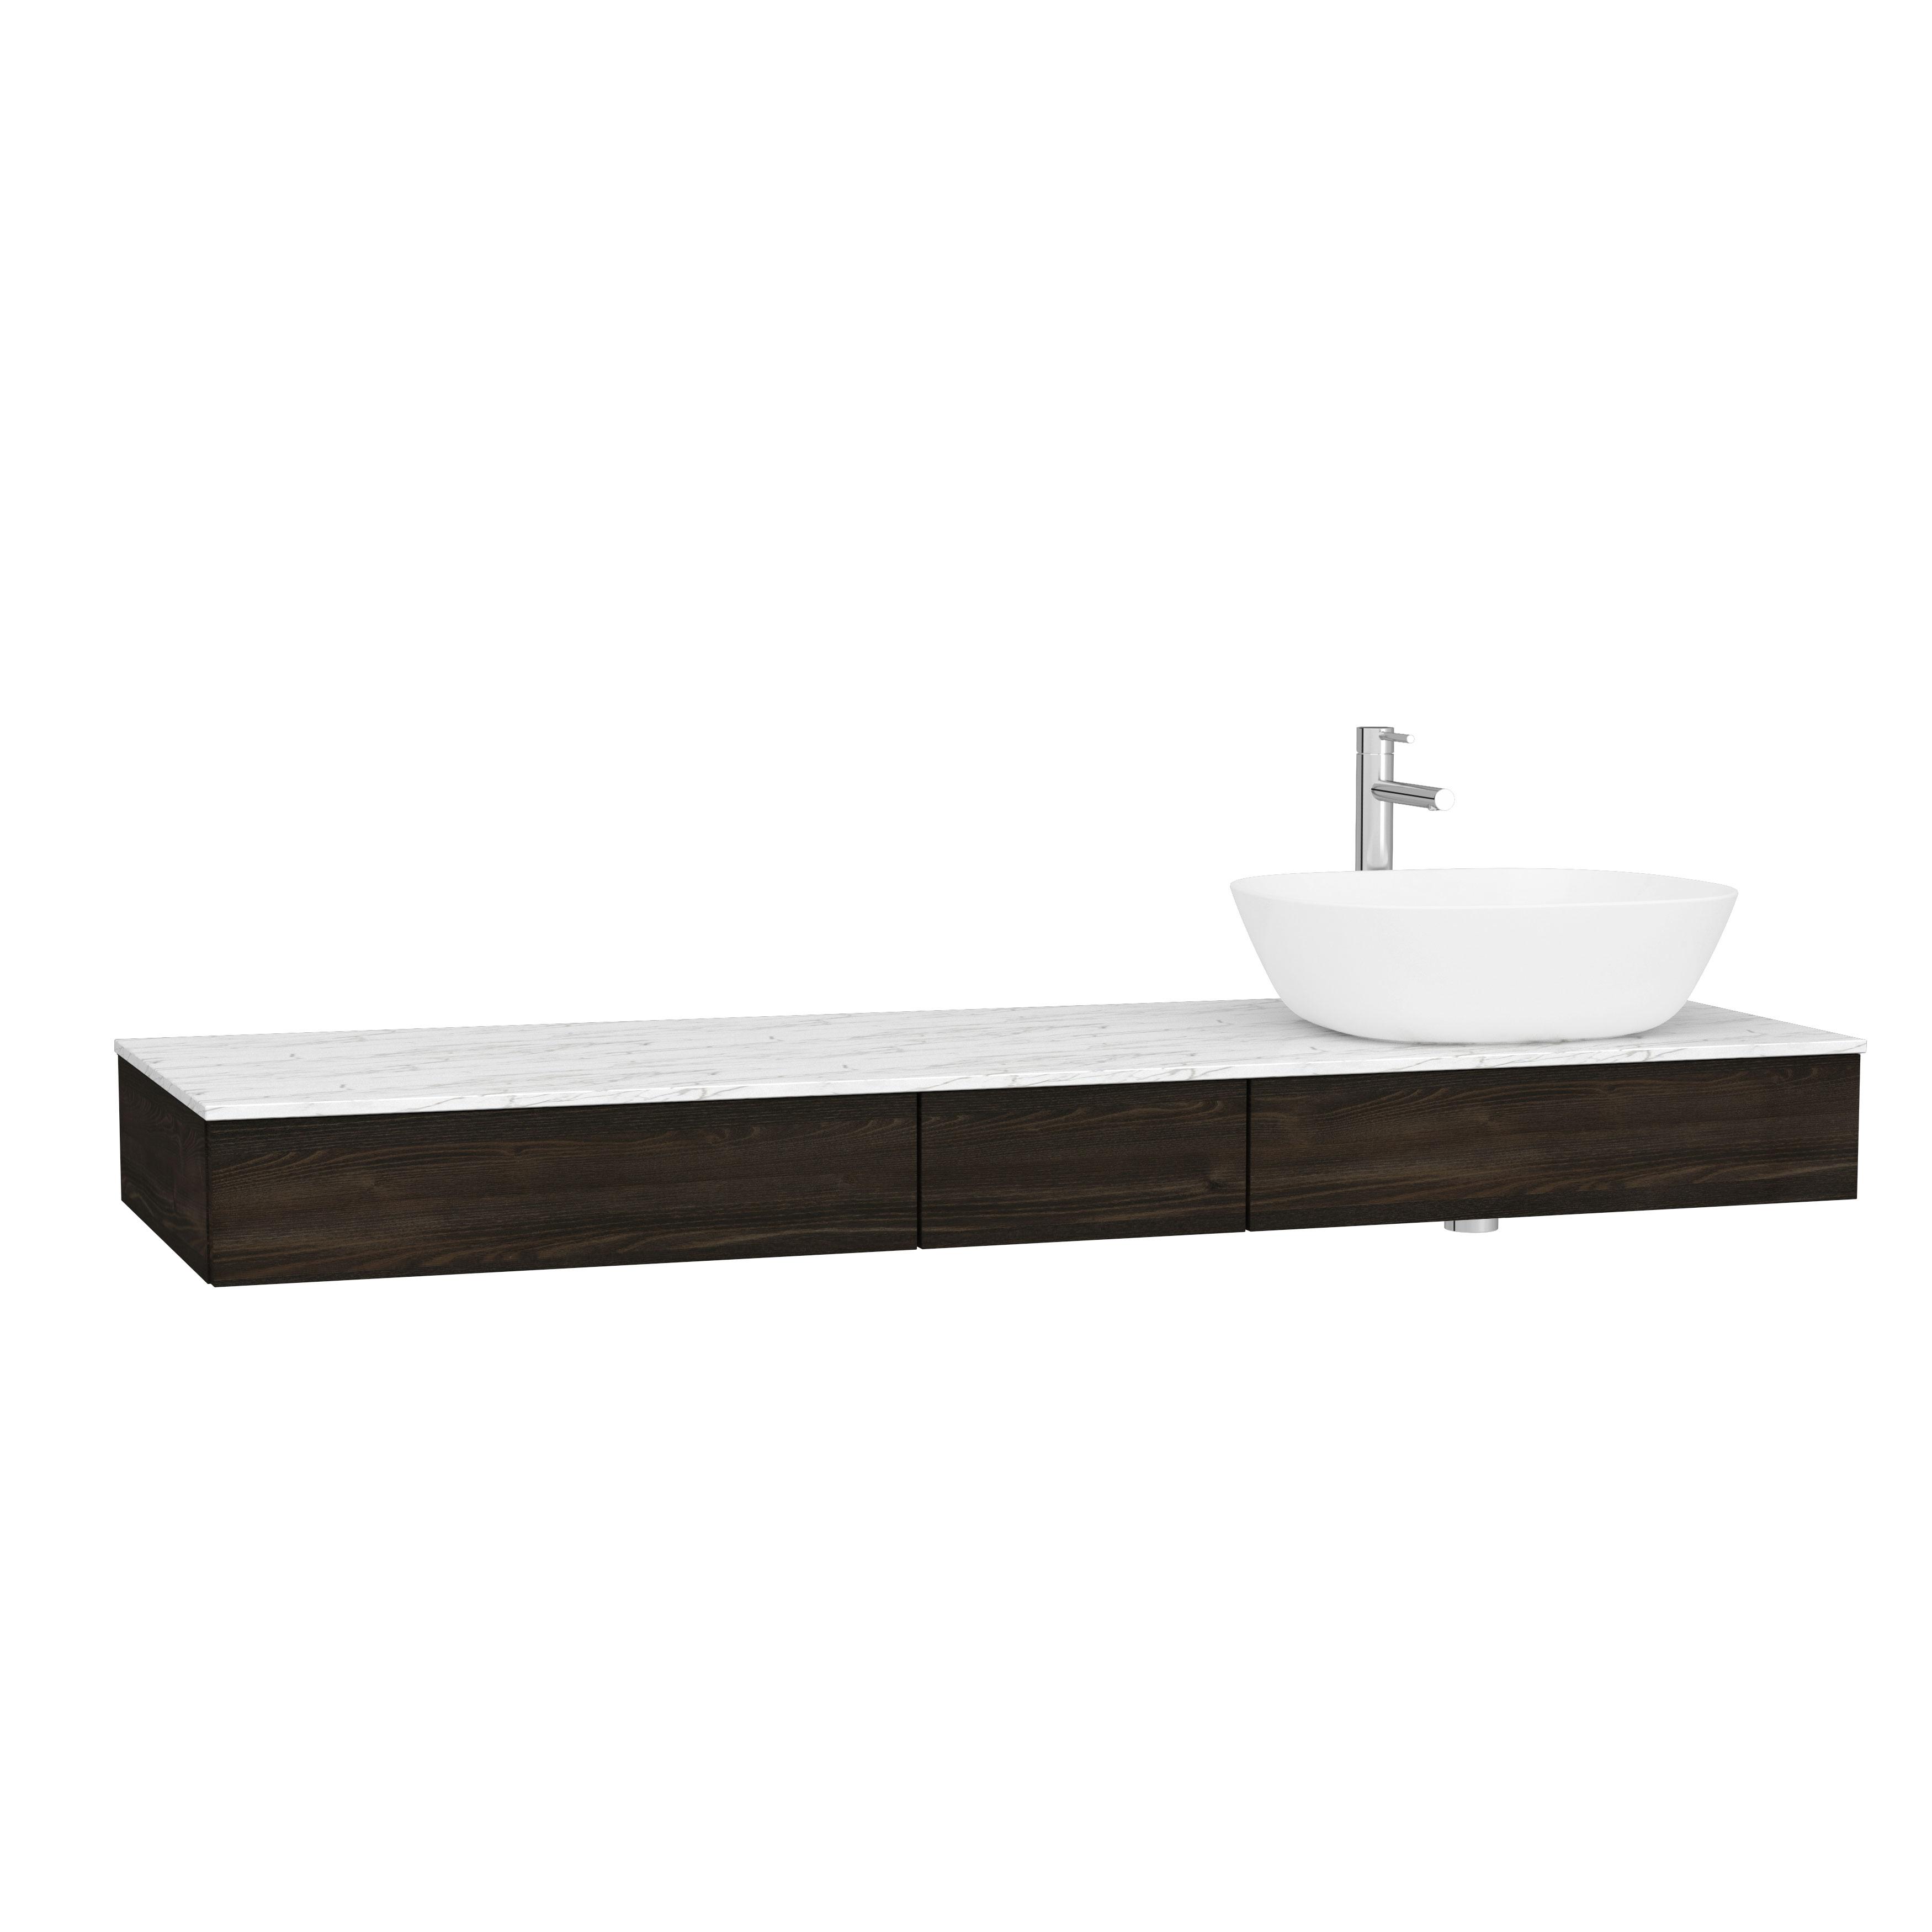 Origin plan de toilette avec tiroir, 150 cm, orme, droite